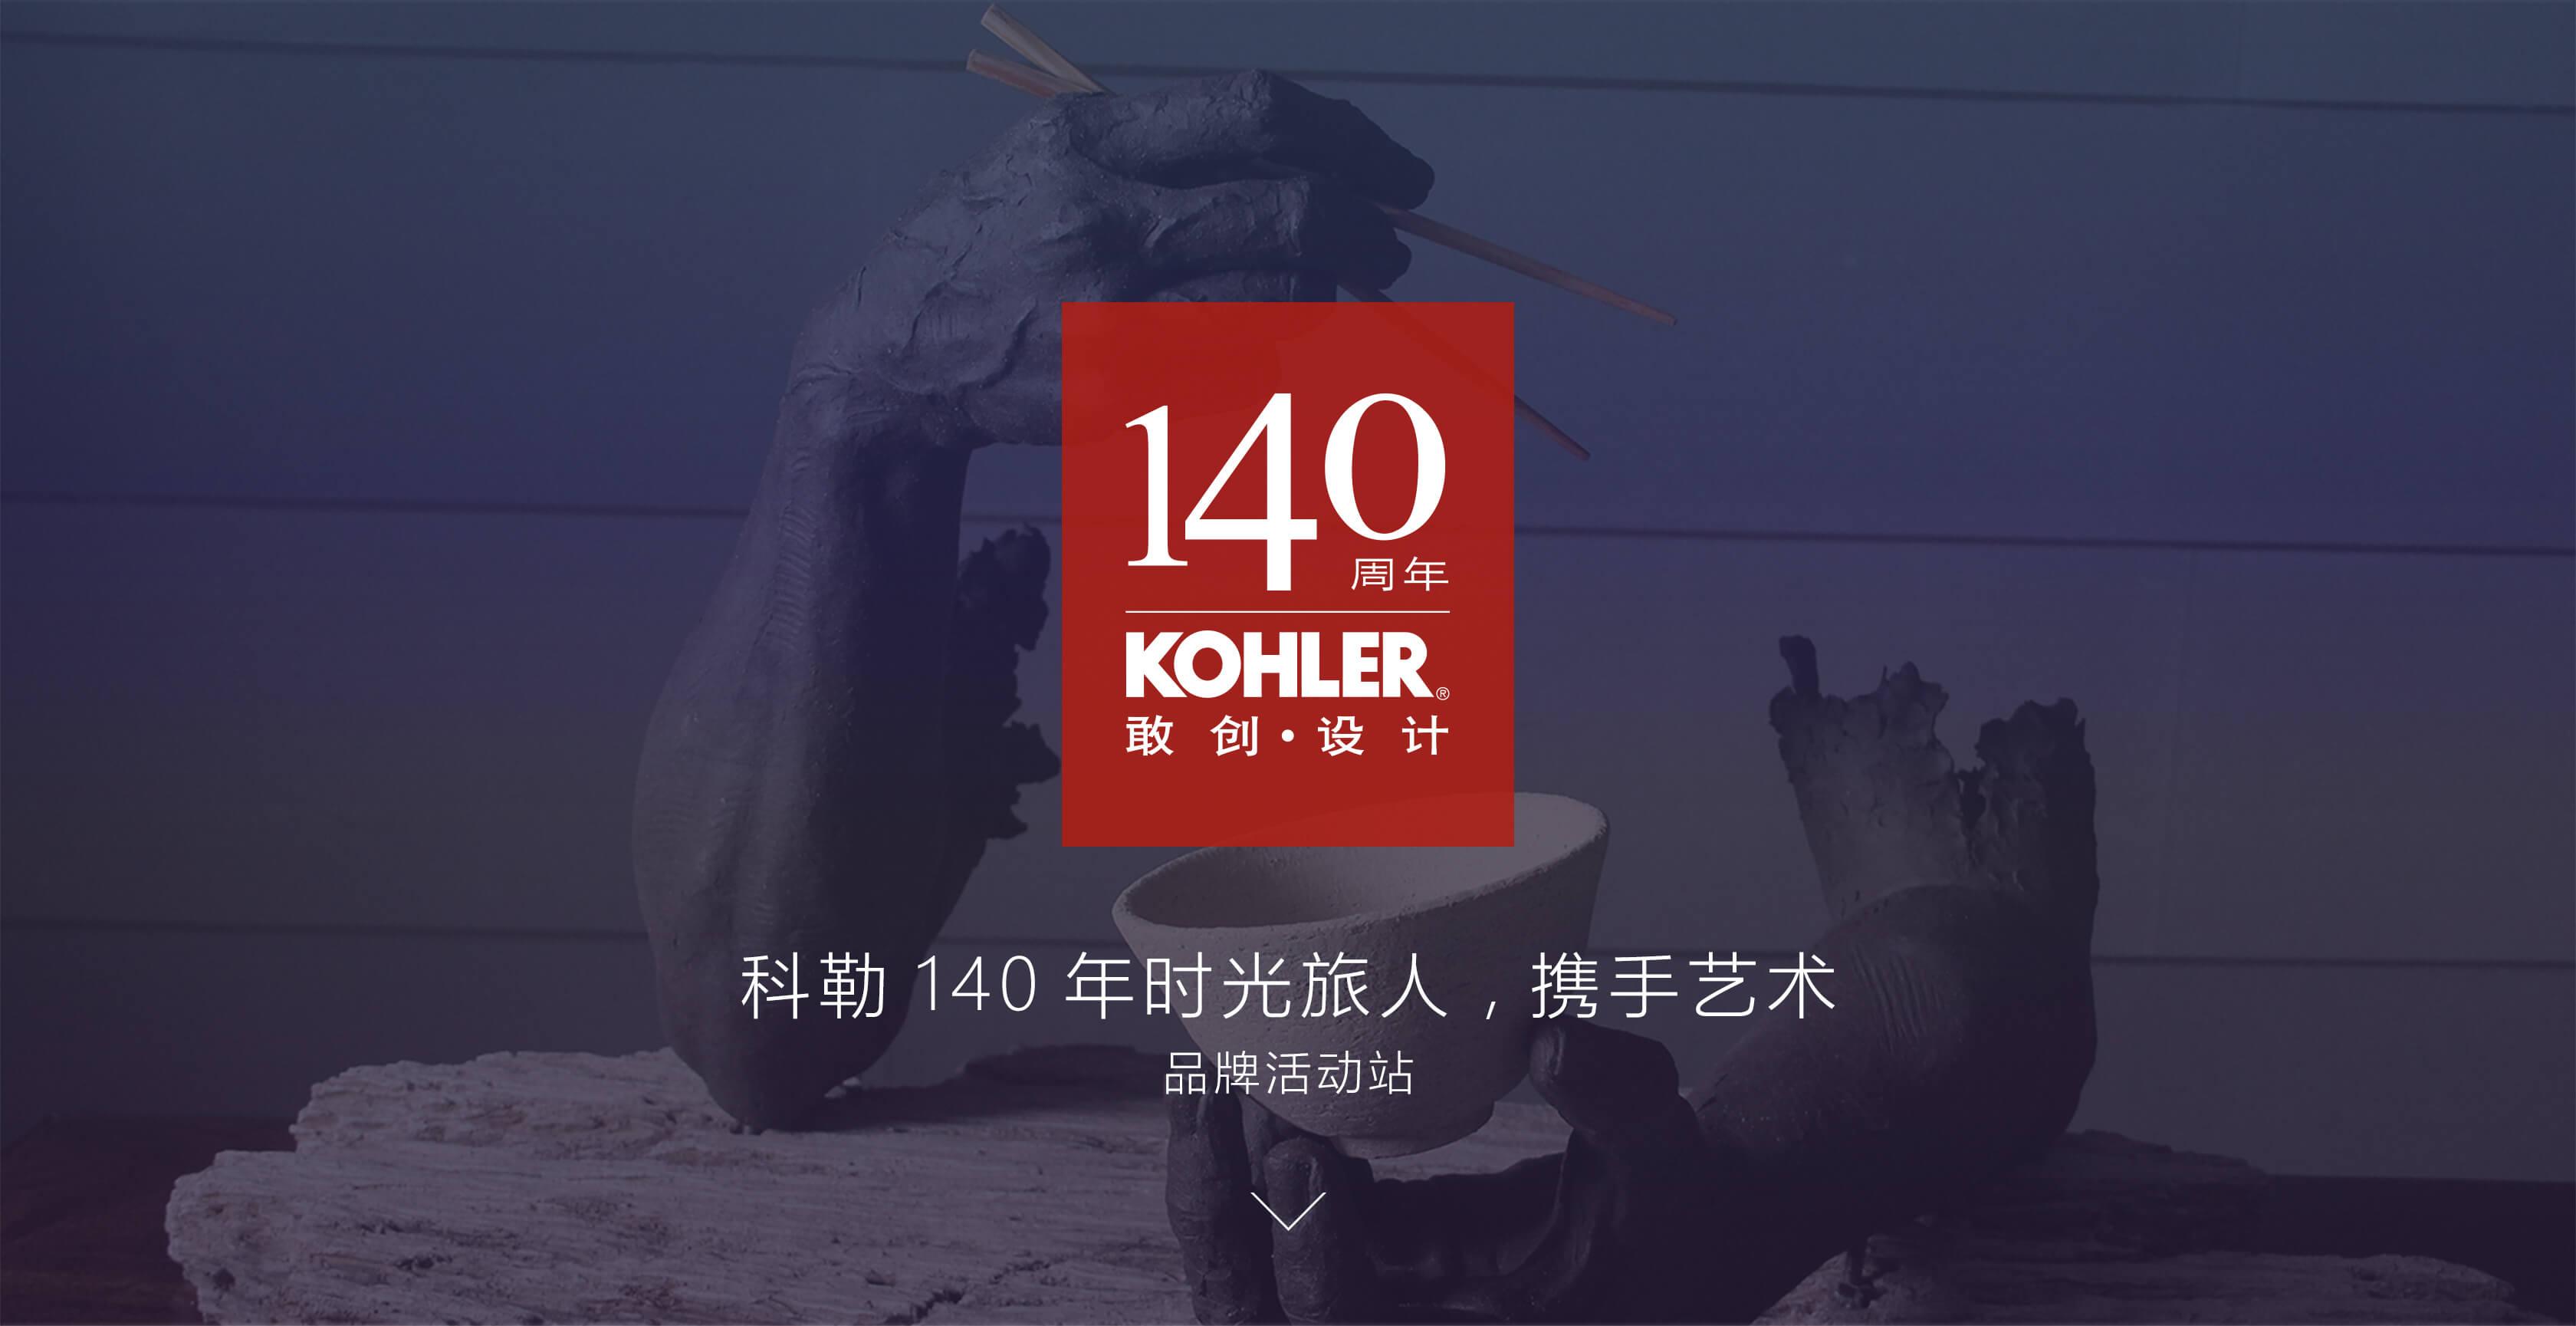 科勒艺术展活动网站 活动网站设计开发 | 班田互动